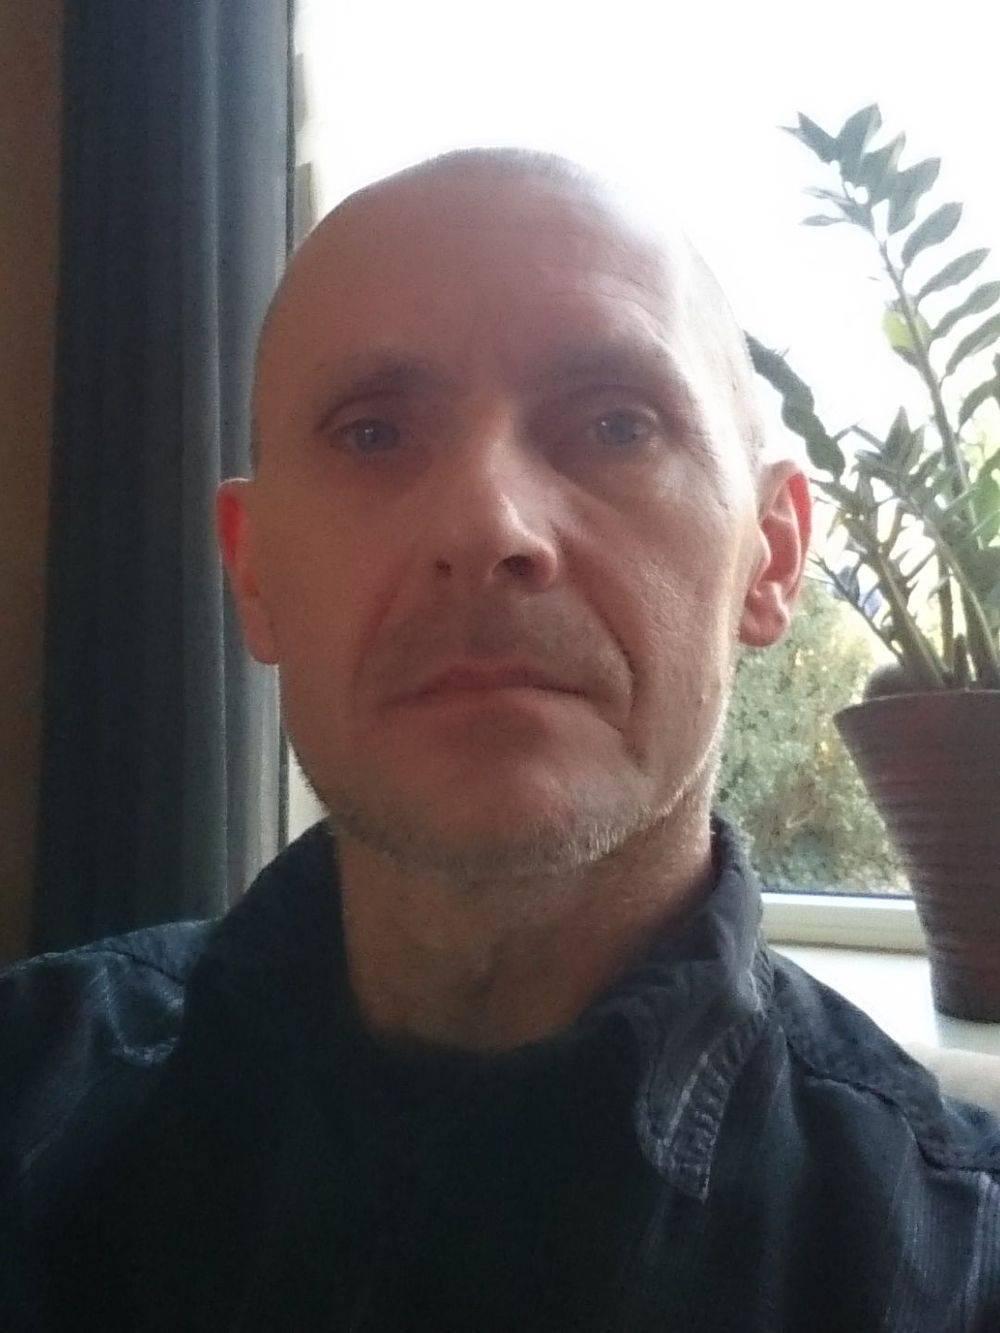 foto van mijzelf